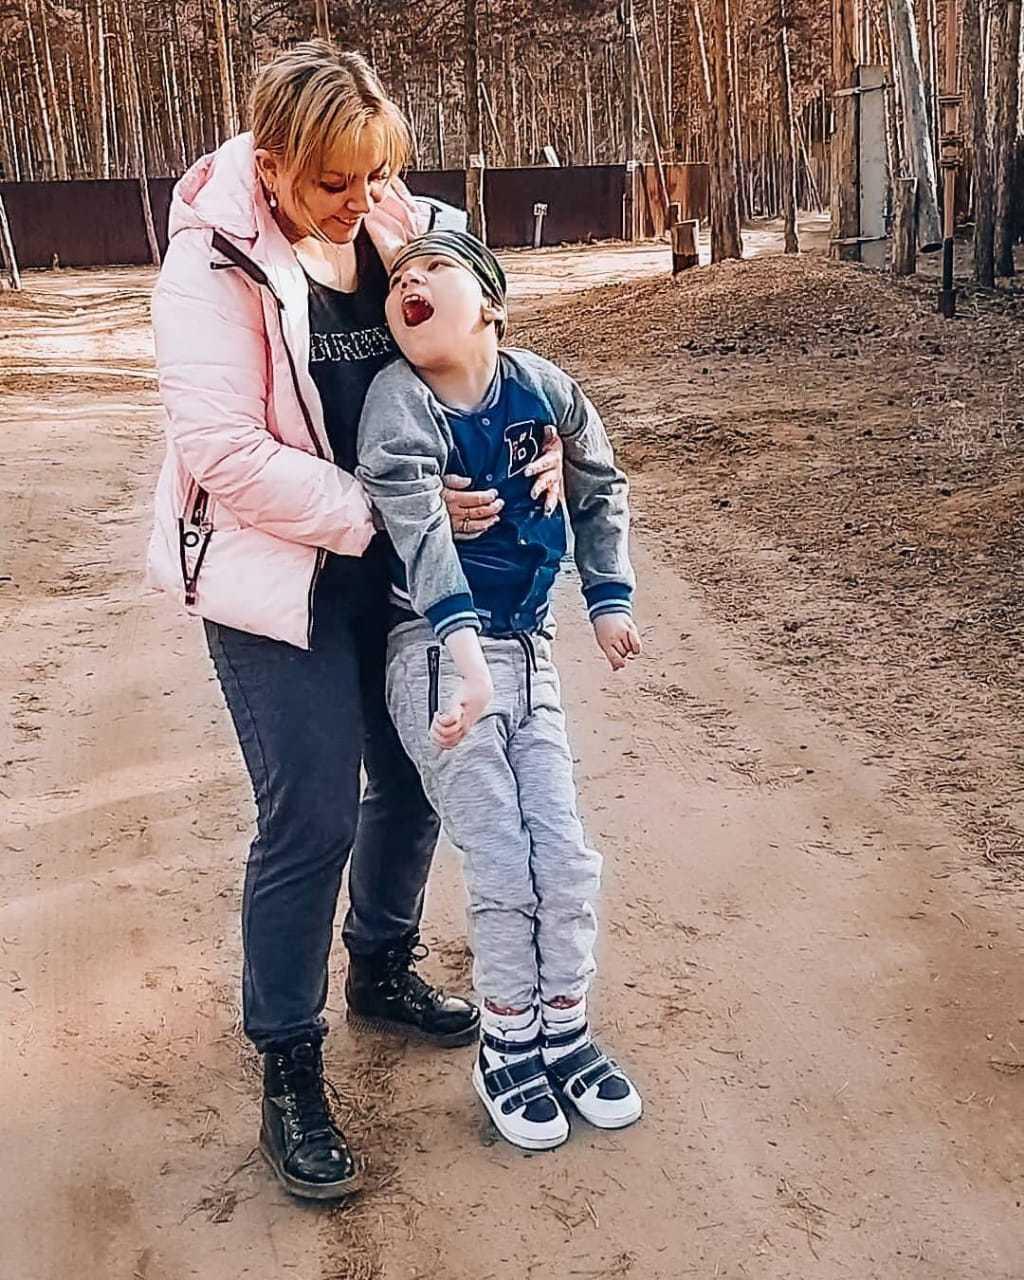 Трудности выживания. Маленькая семья с ребенком-инвалидом нуждается в помощи